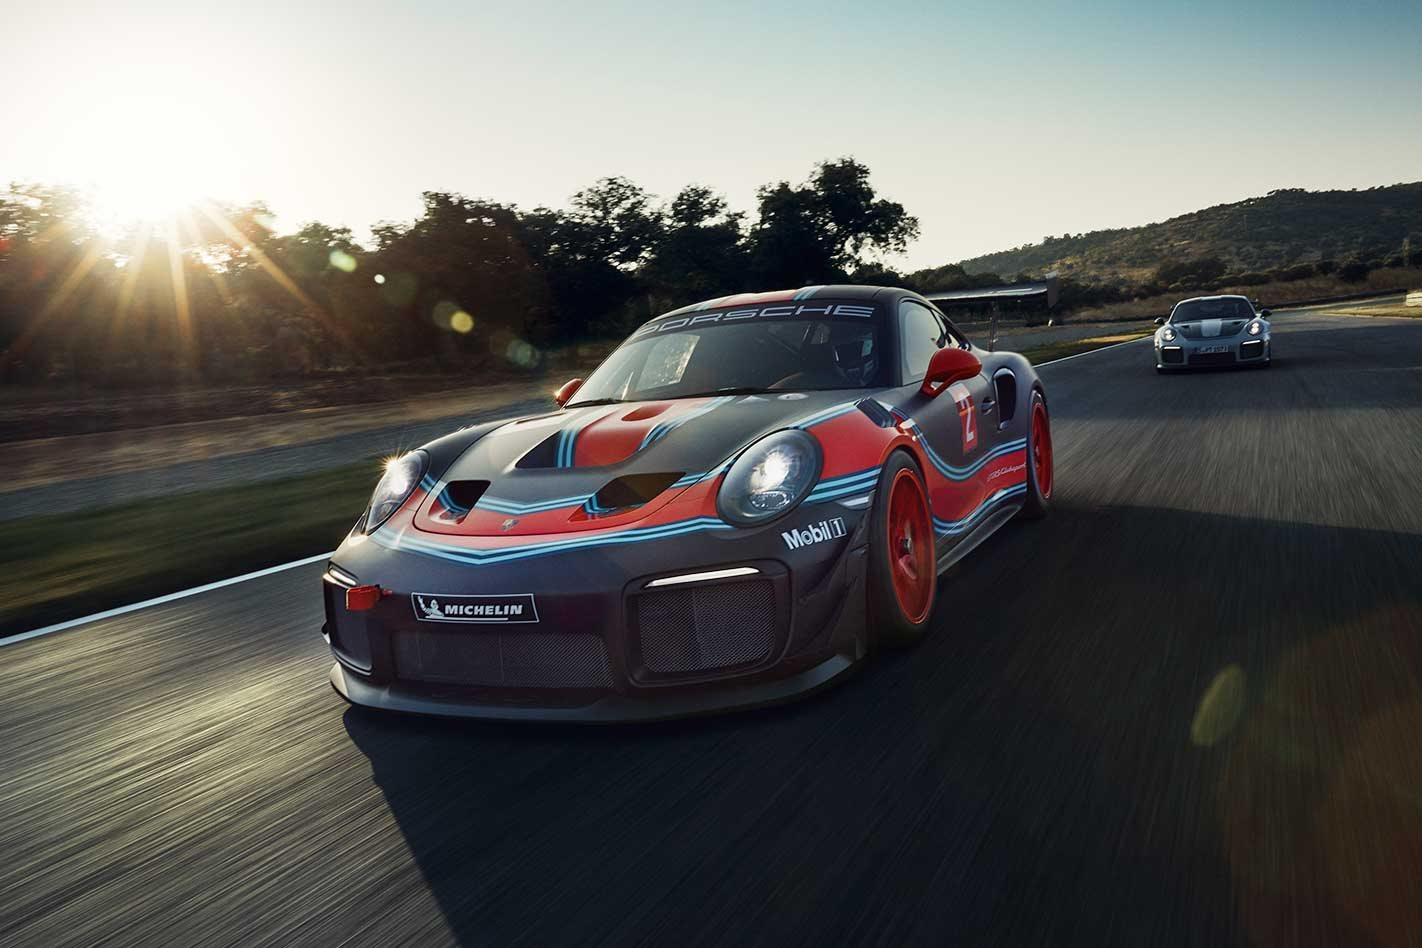 2019 Porsche 911 Gt2 Rs Clubsport Revealed La Auto Show 2018